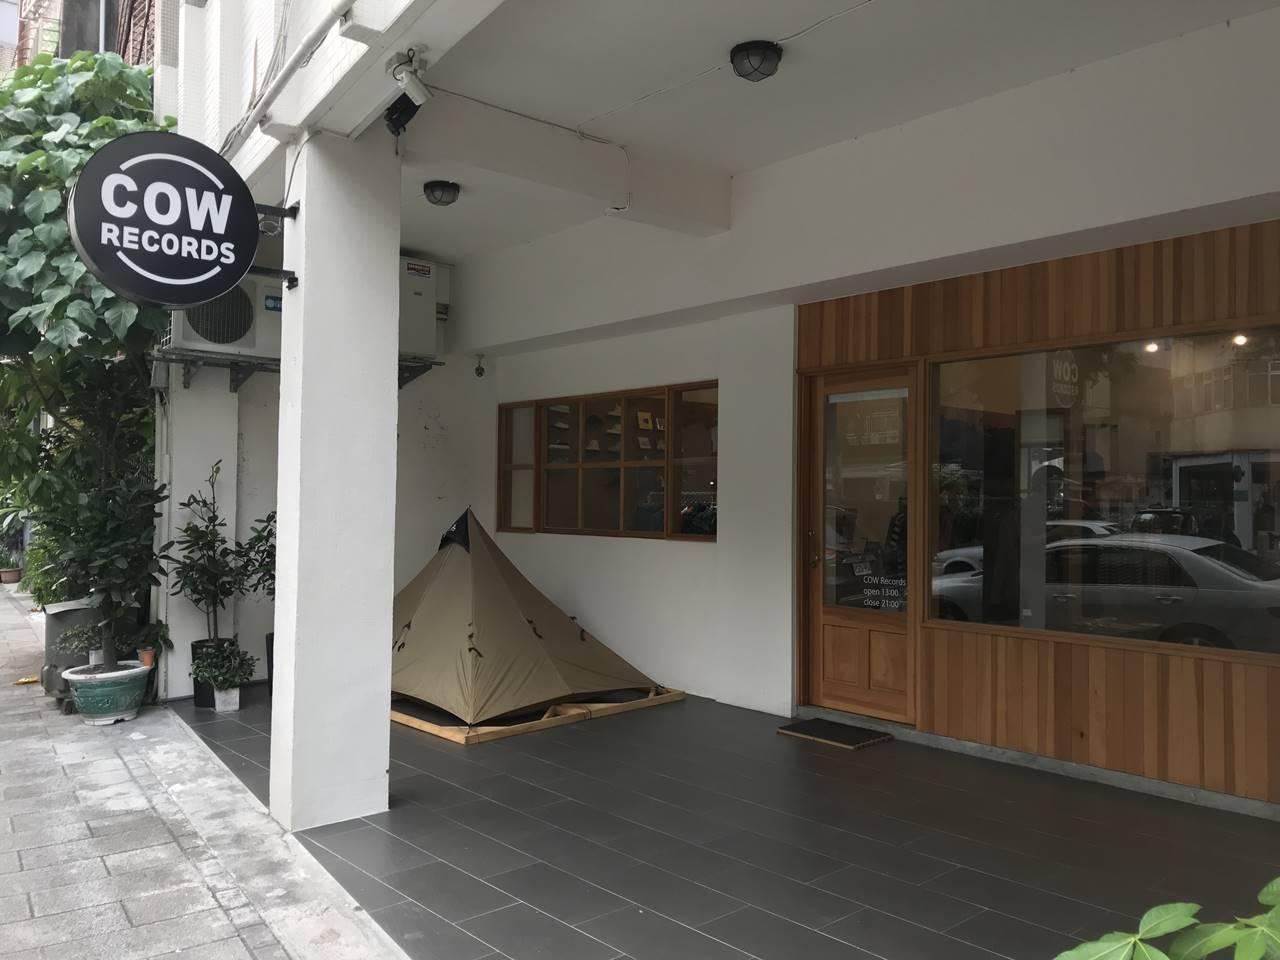 台湾・台北 COW Records